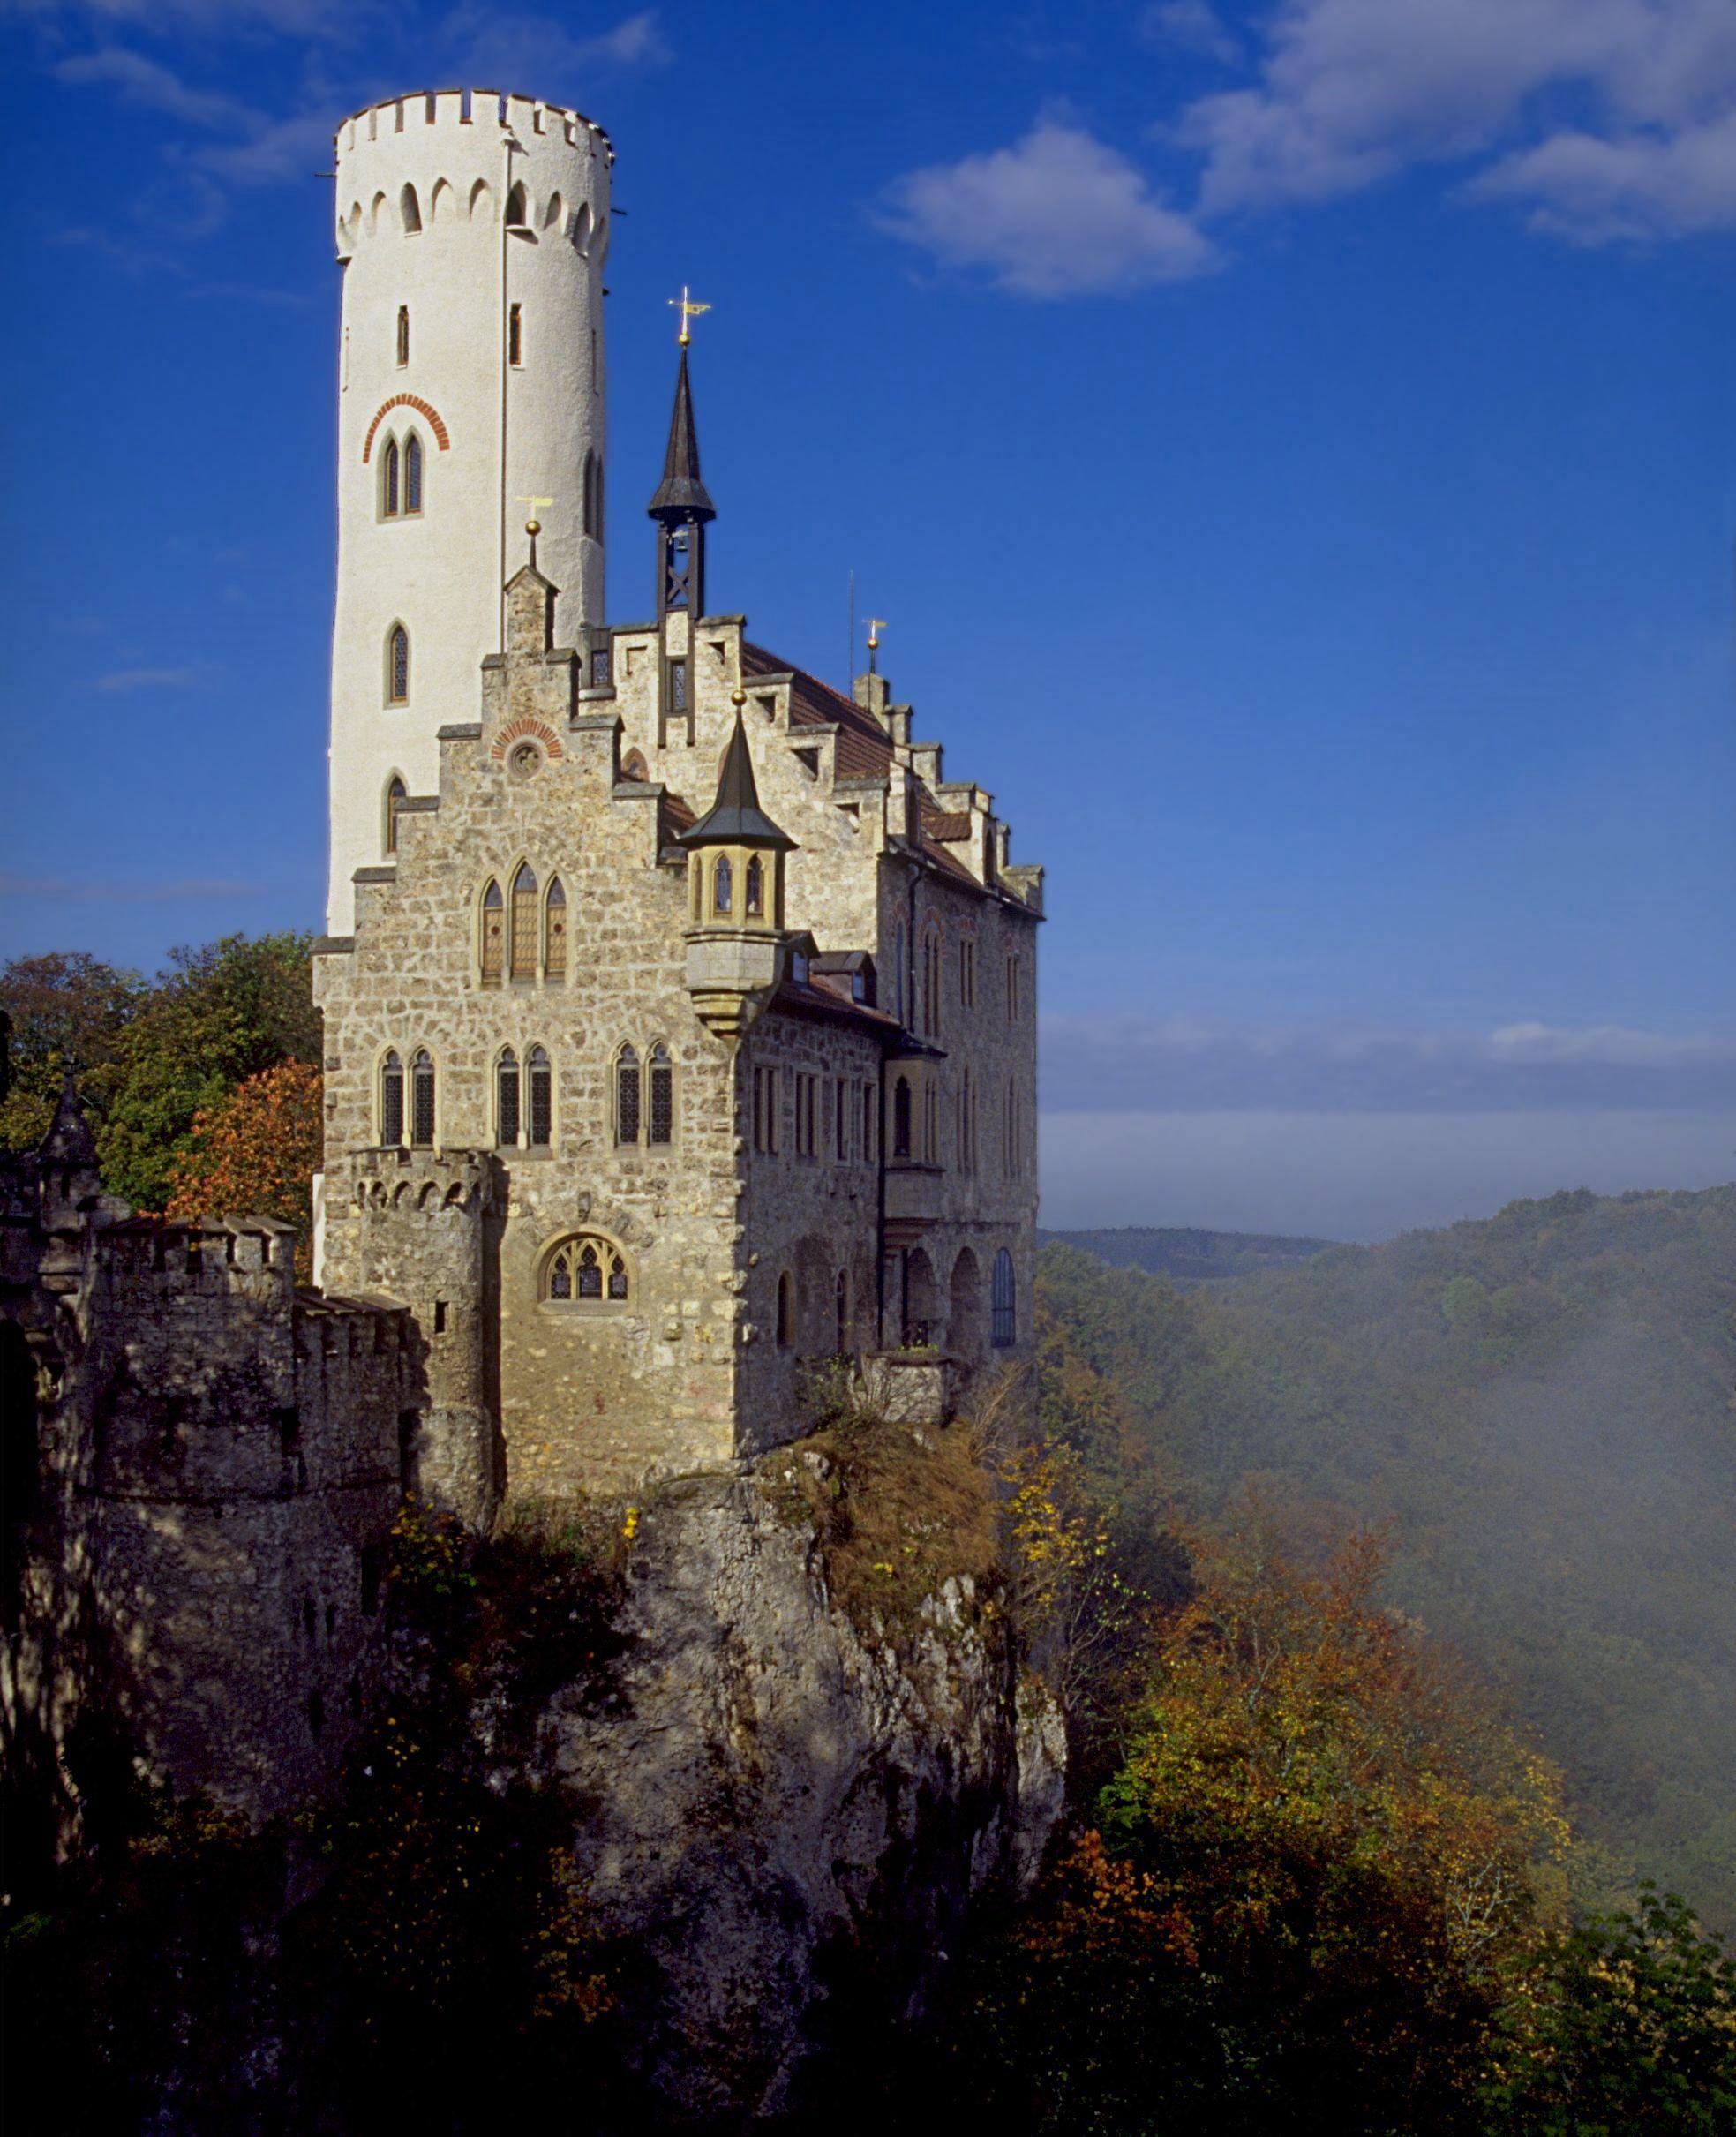 Schloss Lichtenstein Deutschland Burgen Mittelalterliche Burg